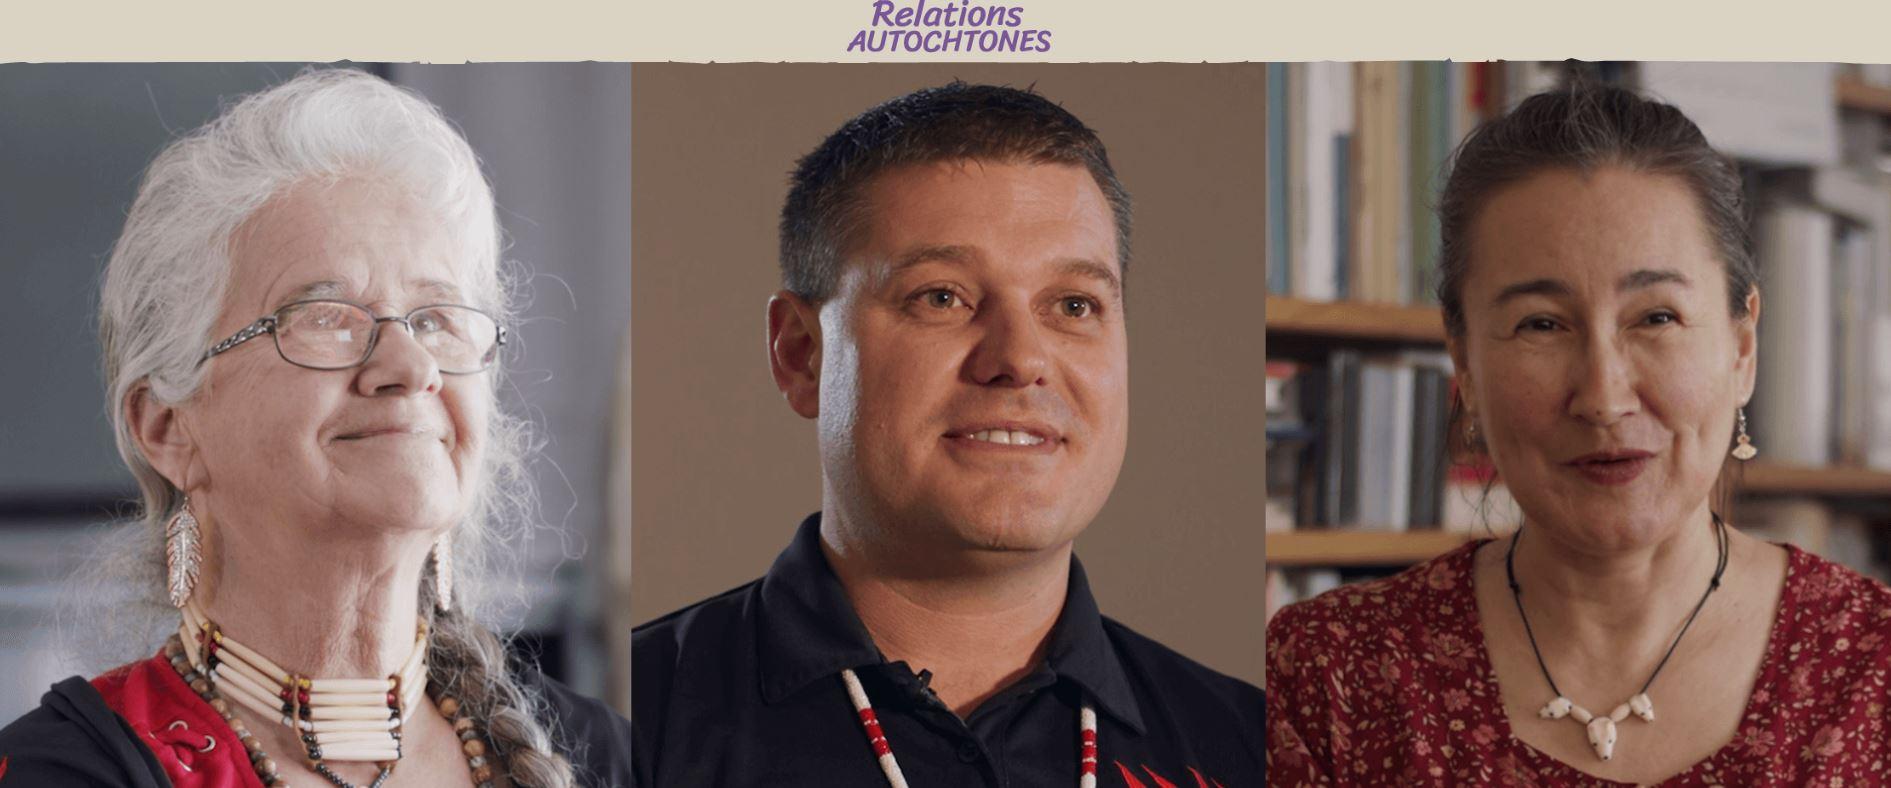 Relations autochtones